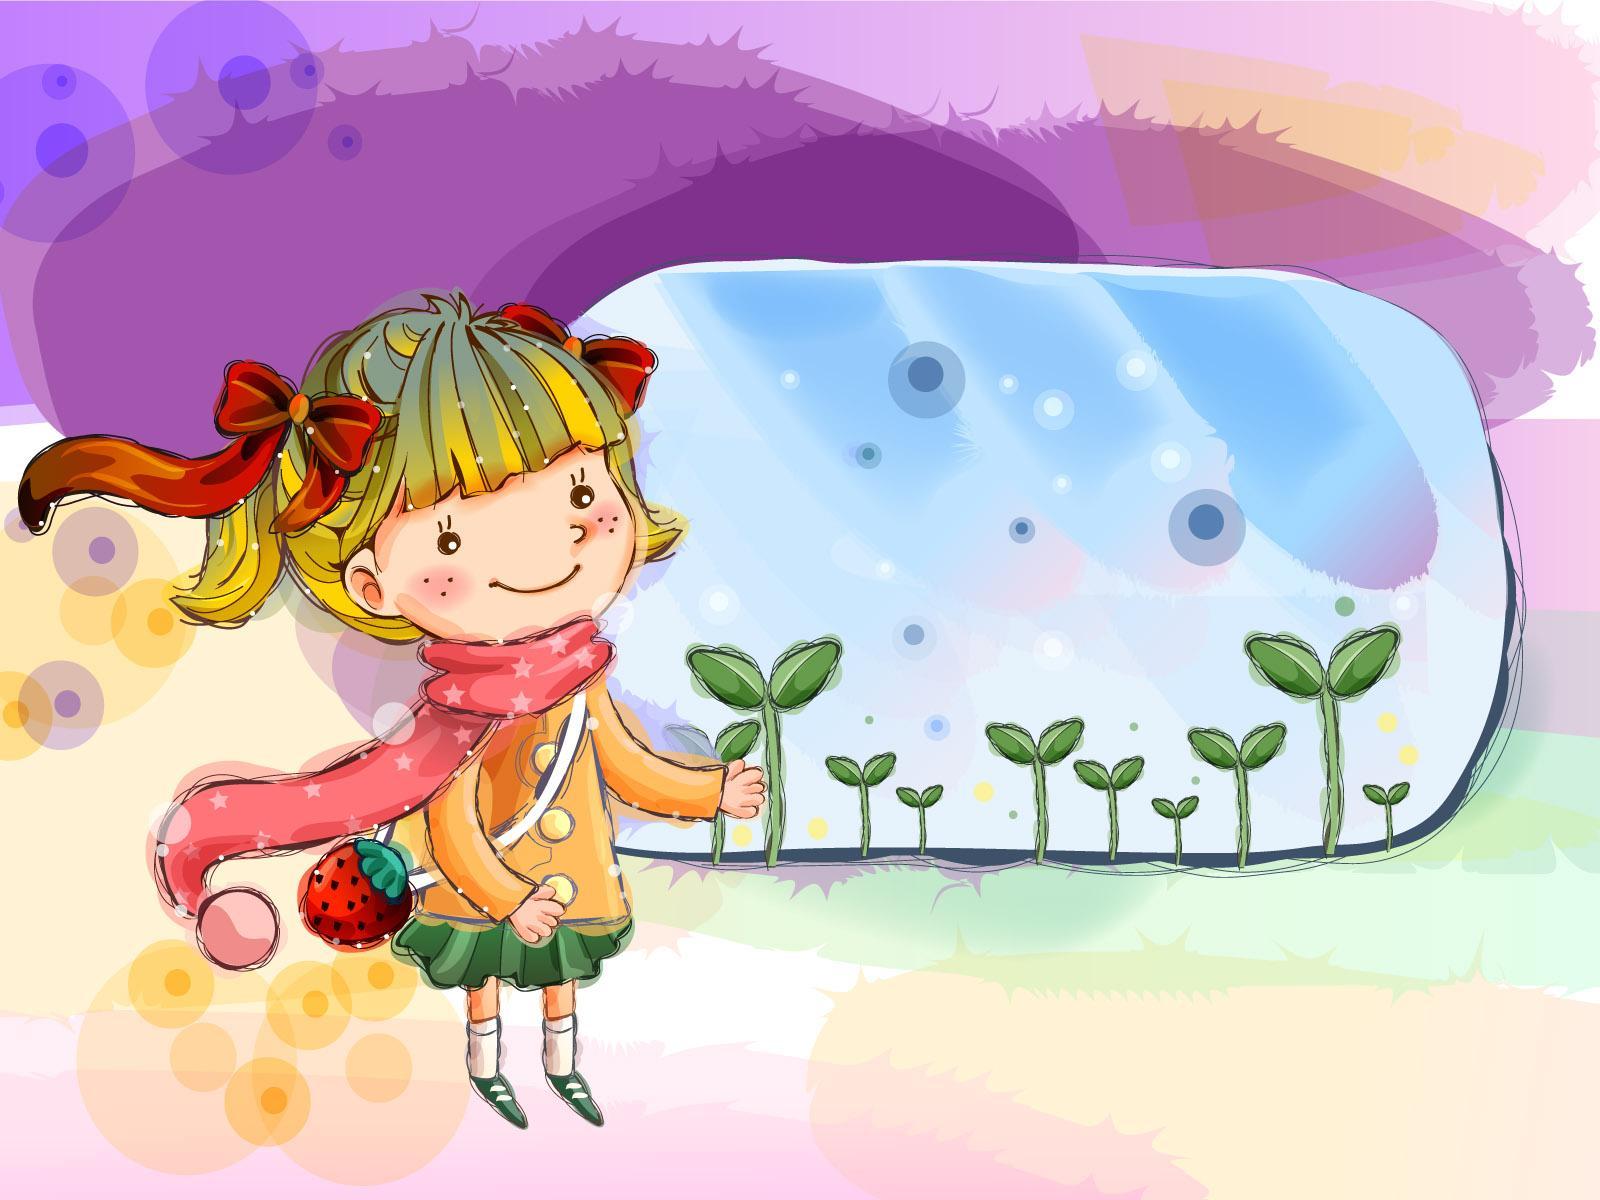 壁纸1600×1200快乐童年卡通桌面壁纸壁纸 快乐童年卡通桌面壁纸壁纸图片动漫壁纸动漫图片素材桌面壁纸